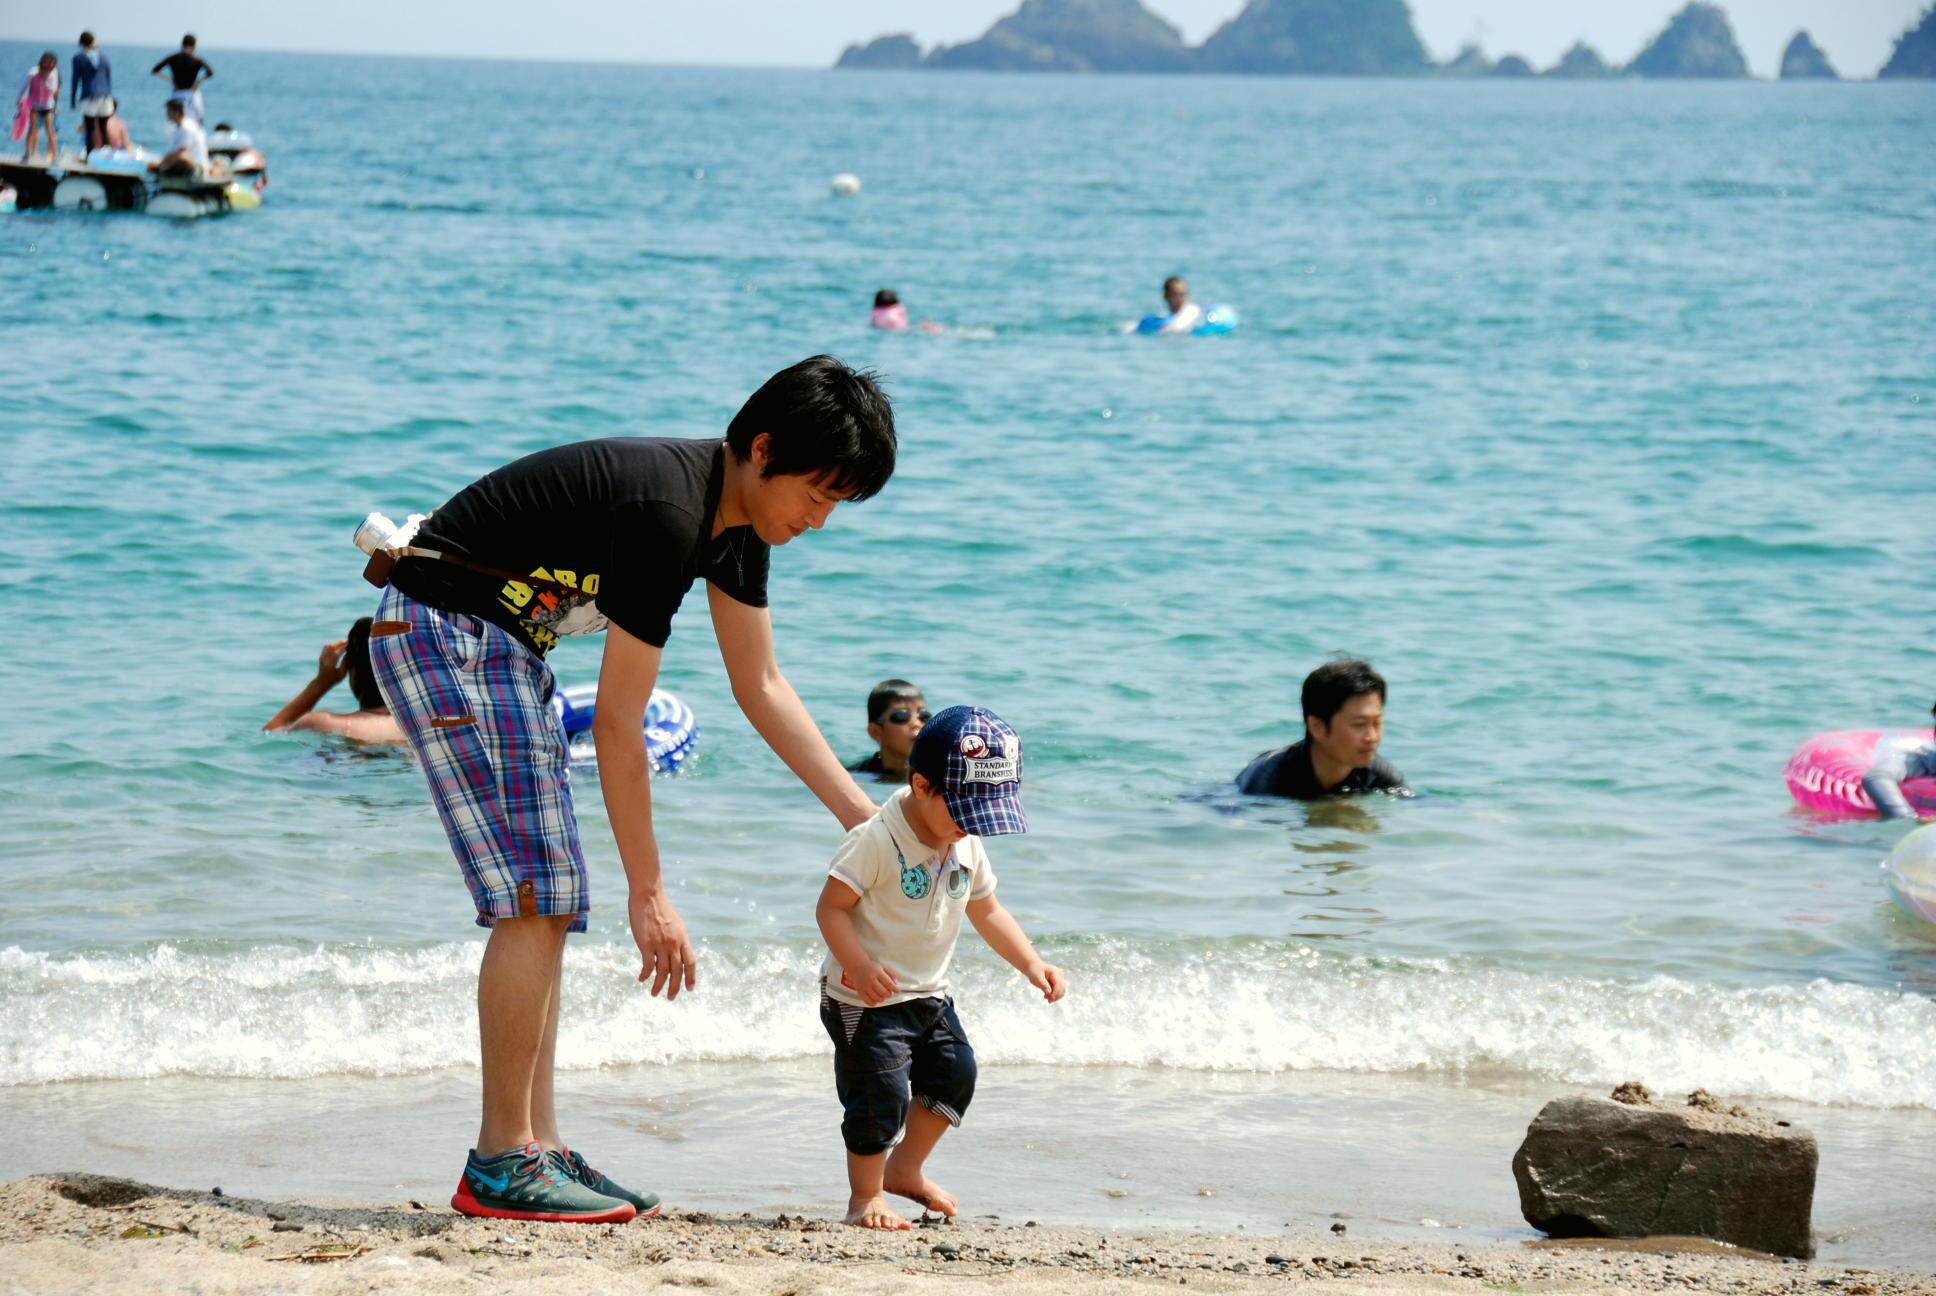 海水浴旅行での2泊3日連泊のススメ☆夏休みのかどやは連泊がしやすい!?